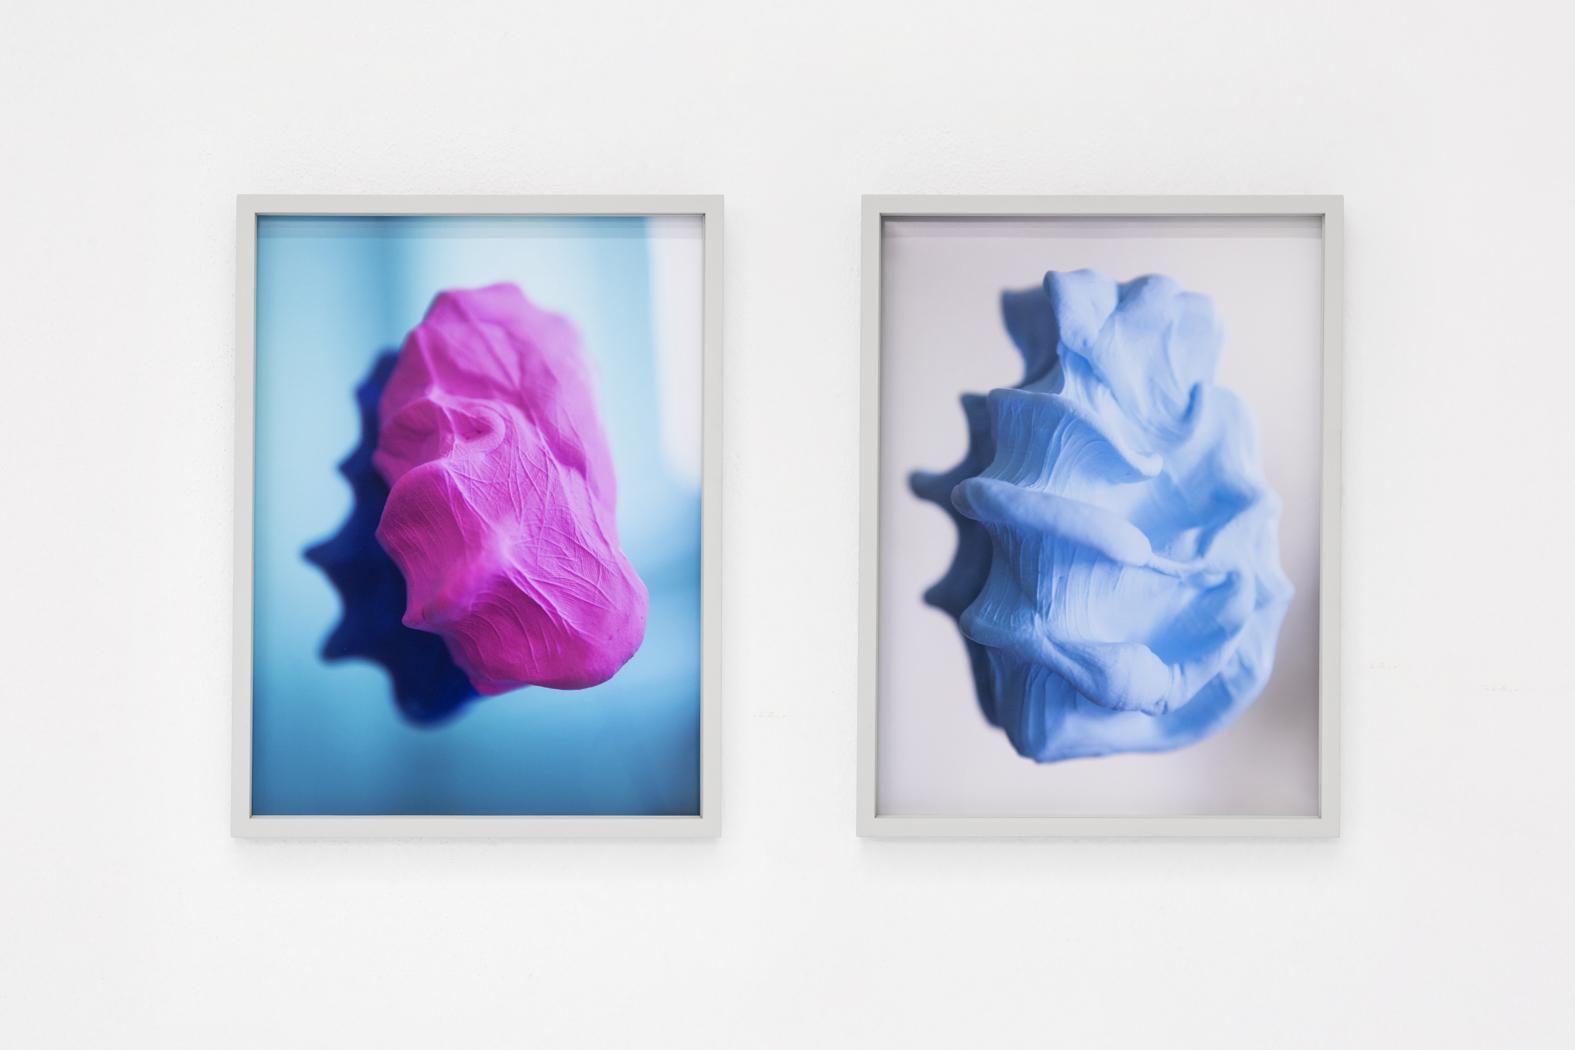 Pauline Batista, Imprint I, 2019 e Imprint II, 2019